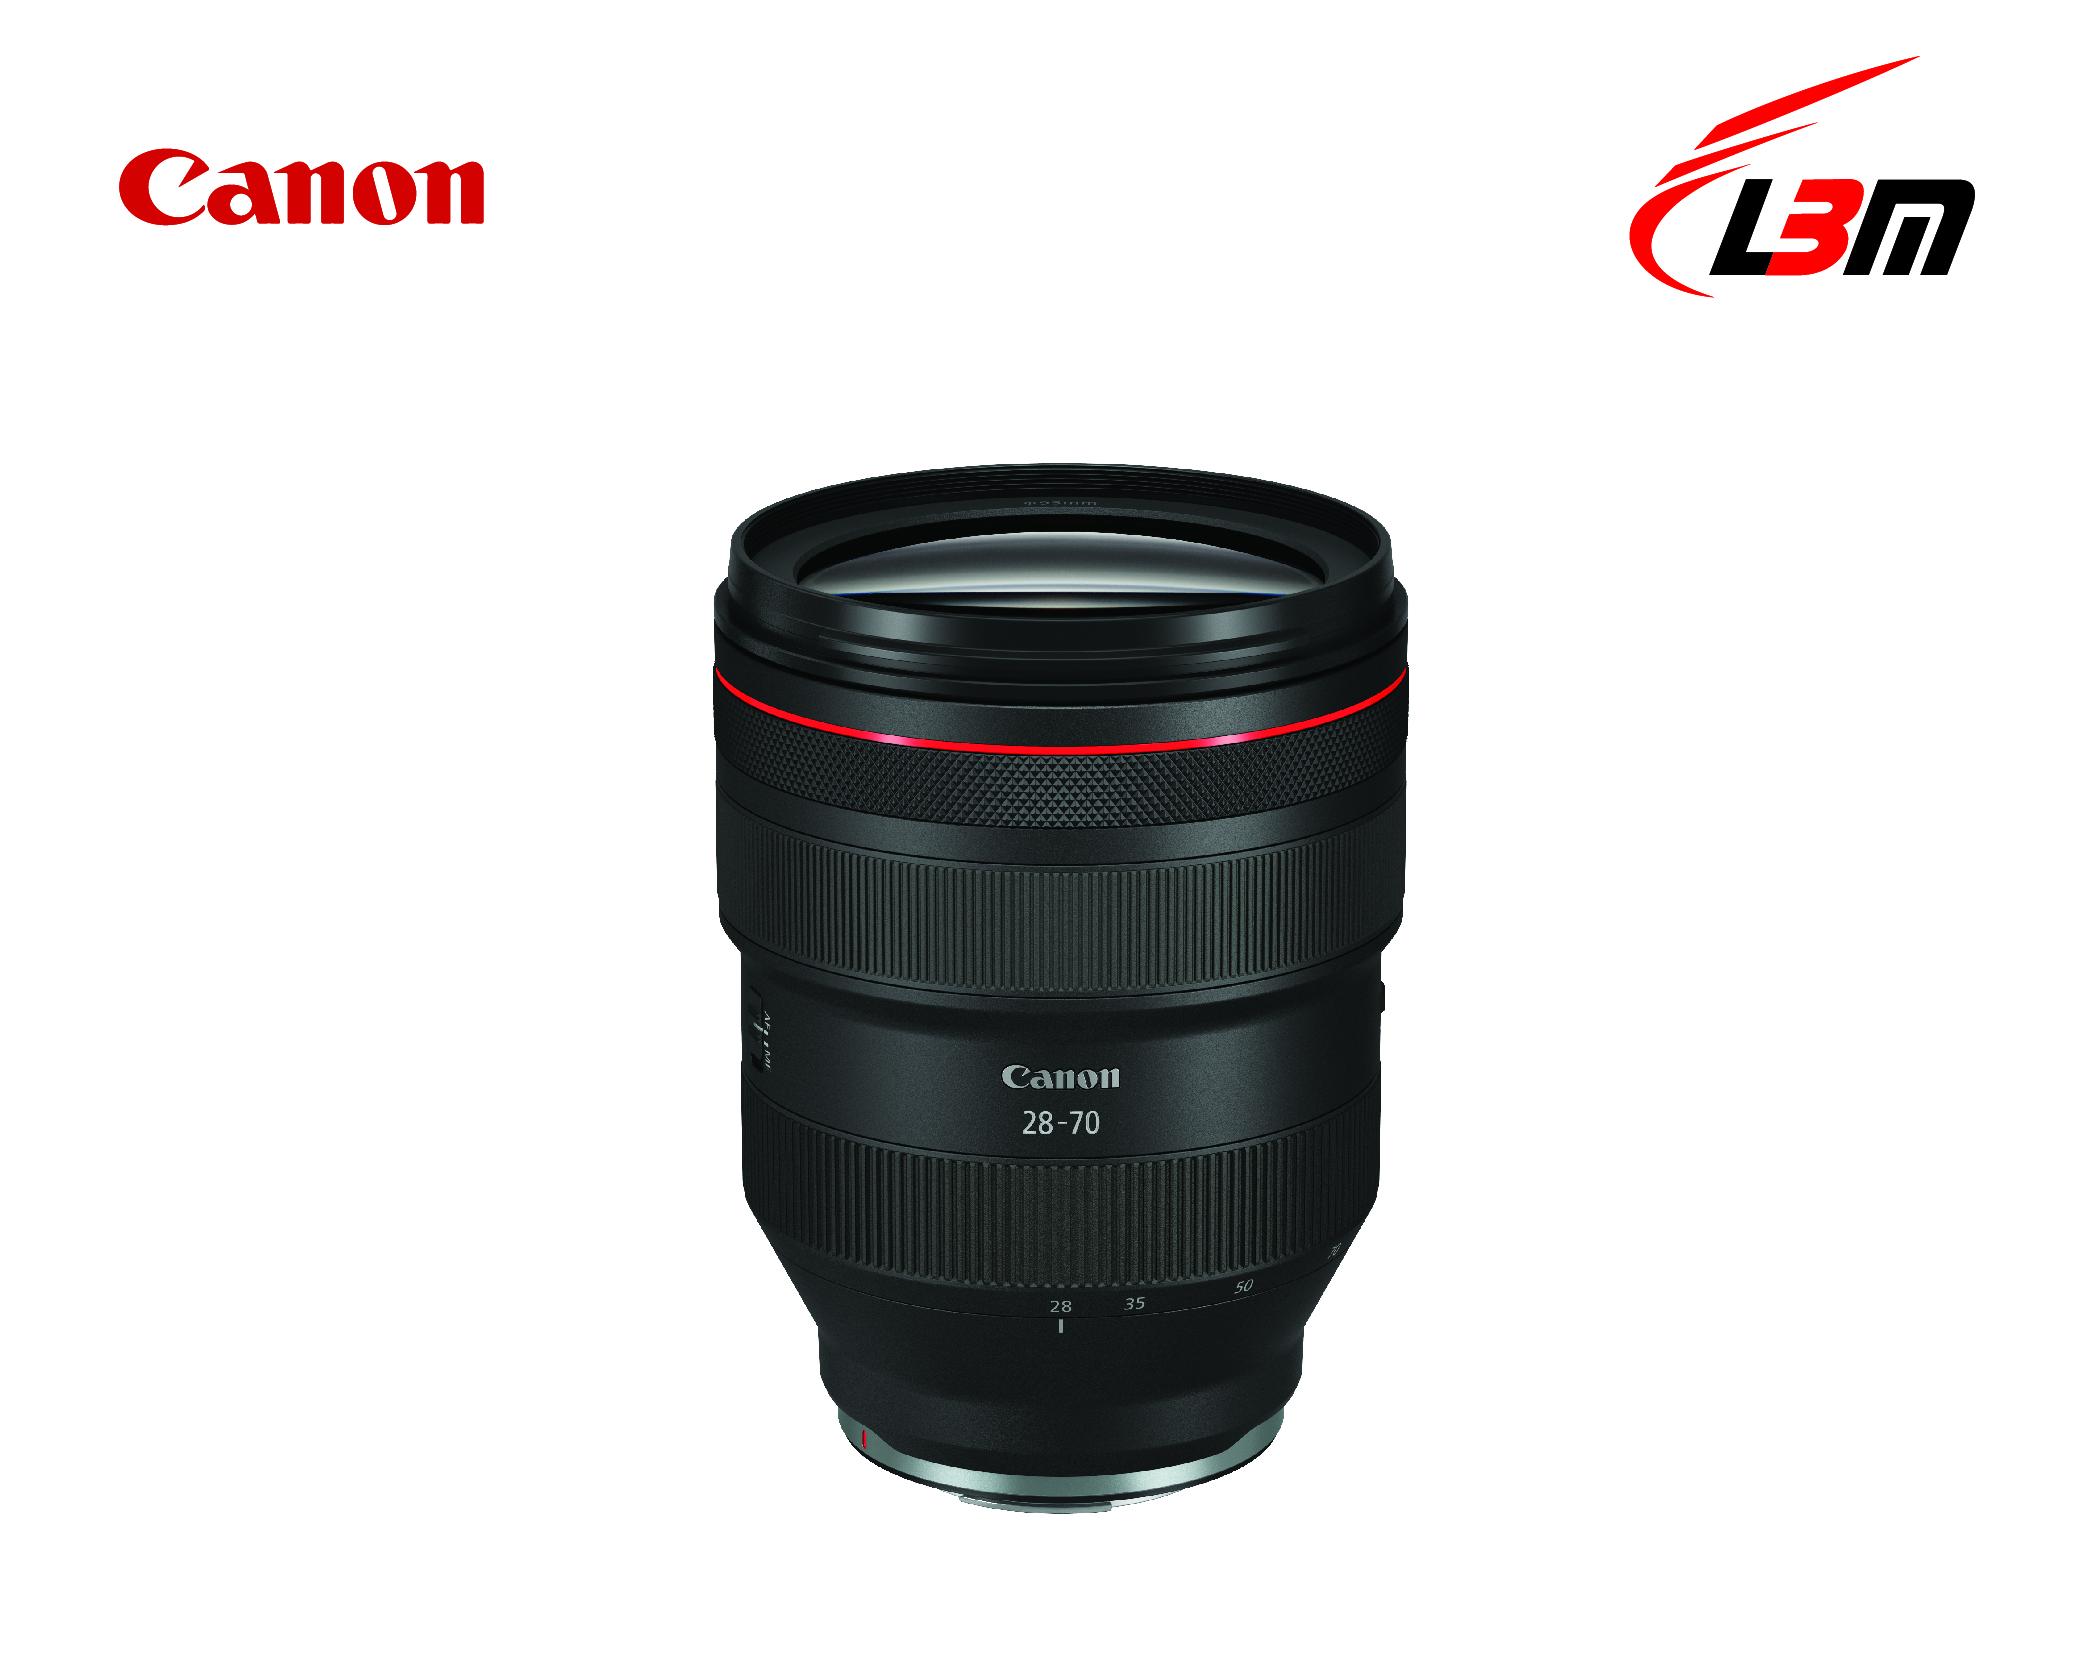 Ống kính Canon RF28-70mm f/2L USM - Hàng Chính Hãng